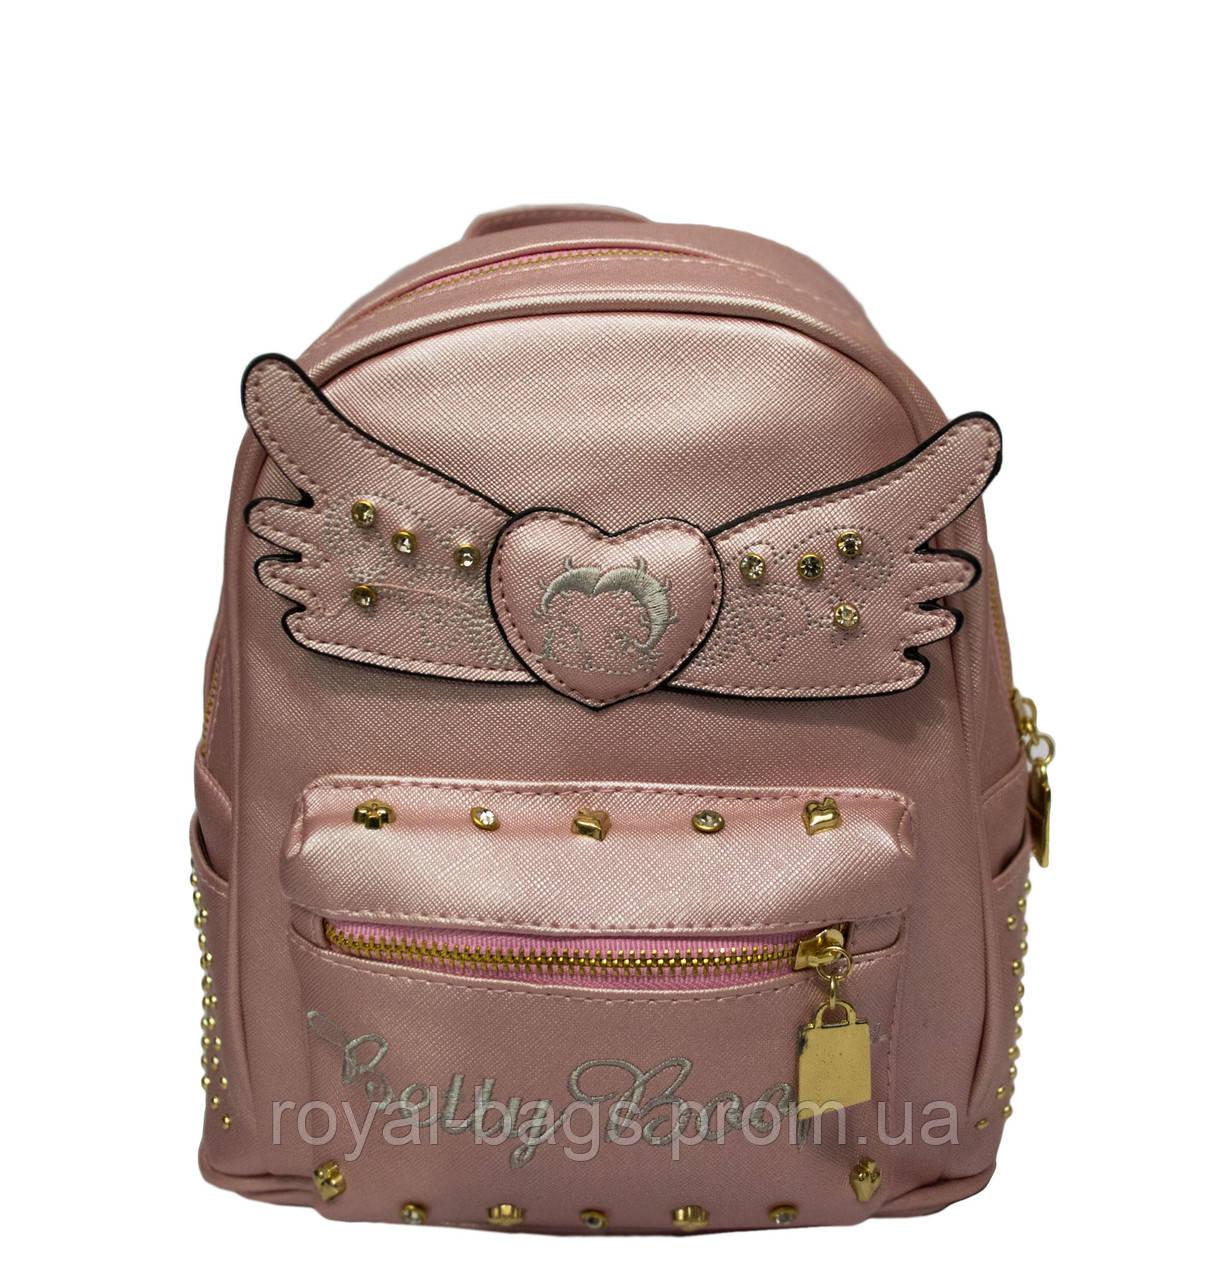 Рюкзак Betty boop 3 Цвета Розовый